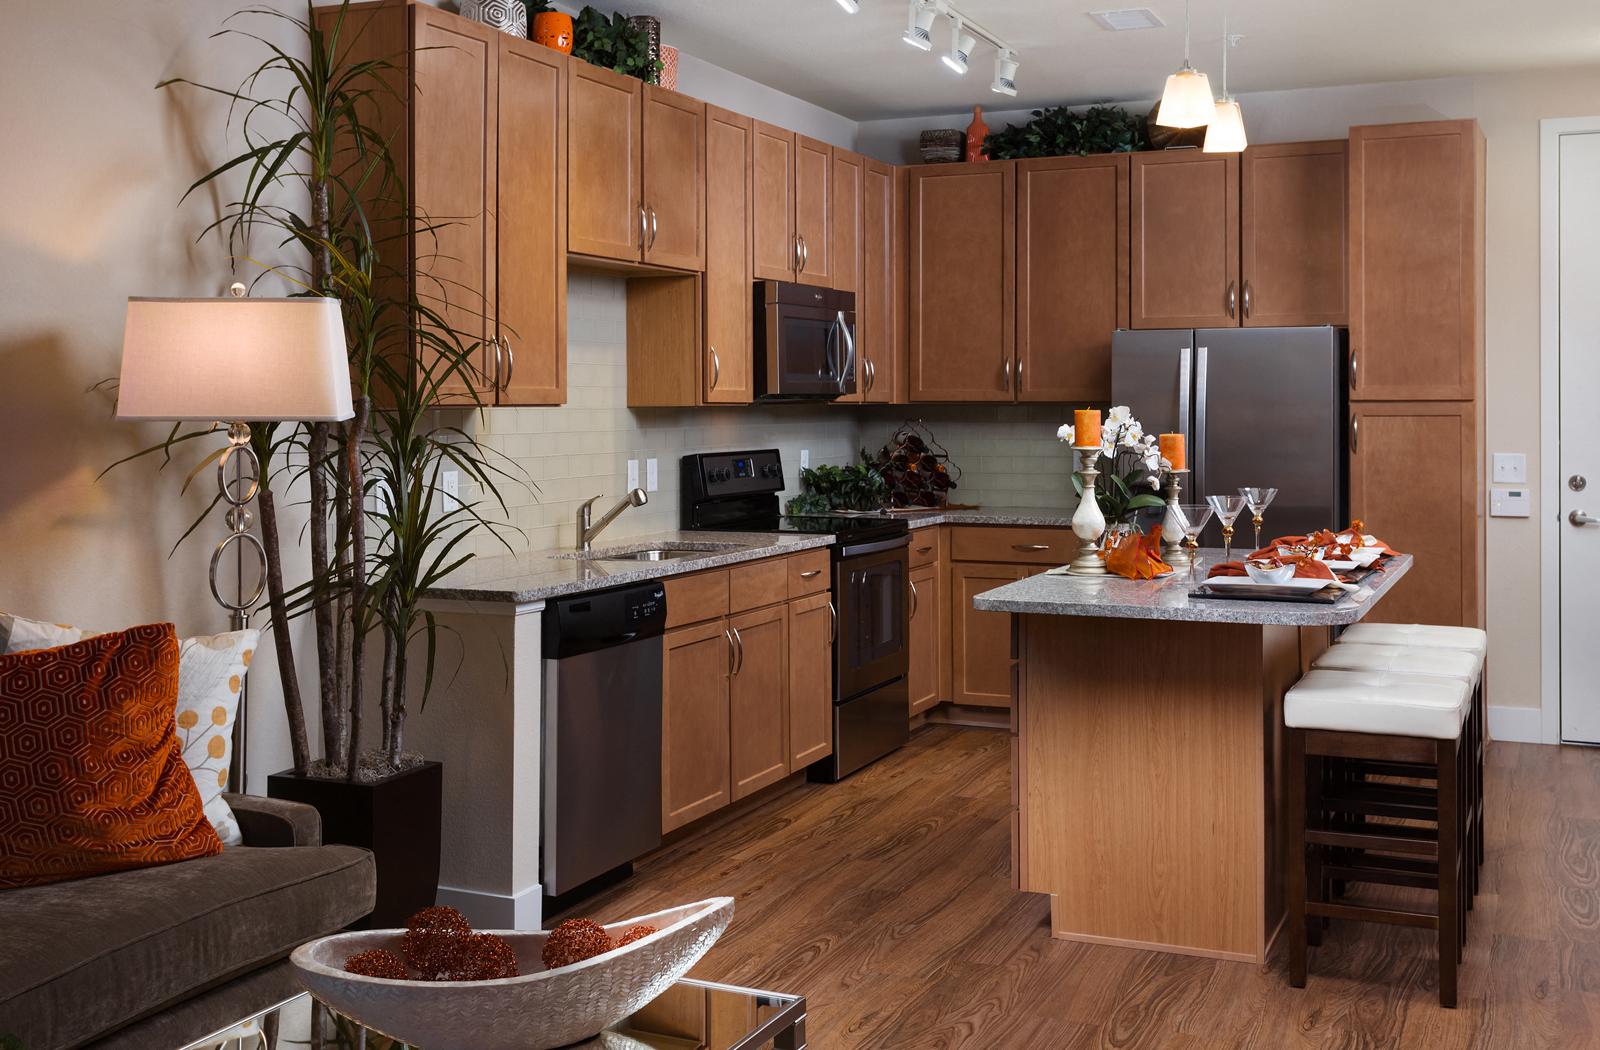 Craigslist Denver Furniture By Owner Elegant Kitchen Cabinets Phoenix Elegant Craigslist Superb